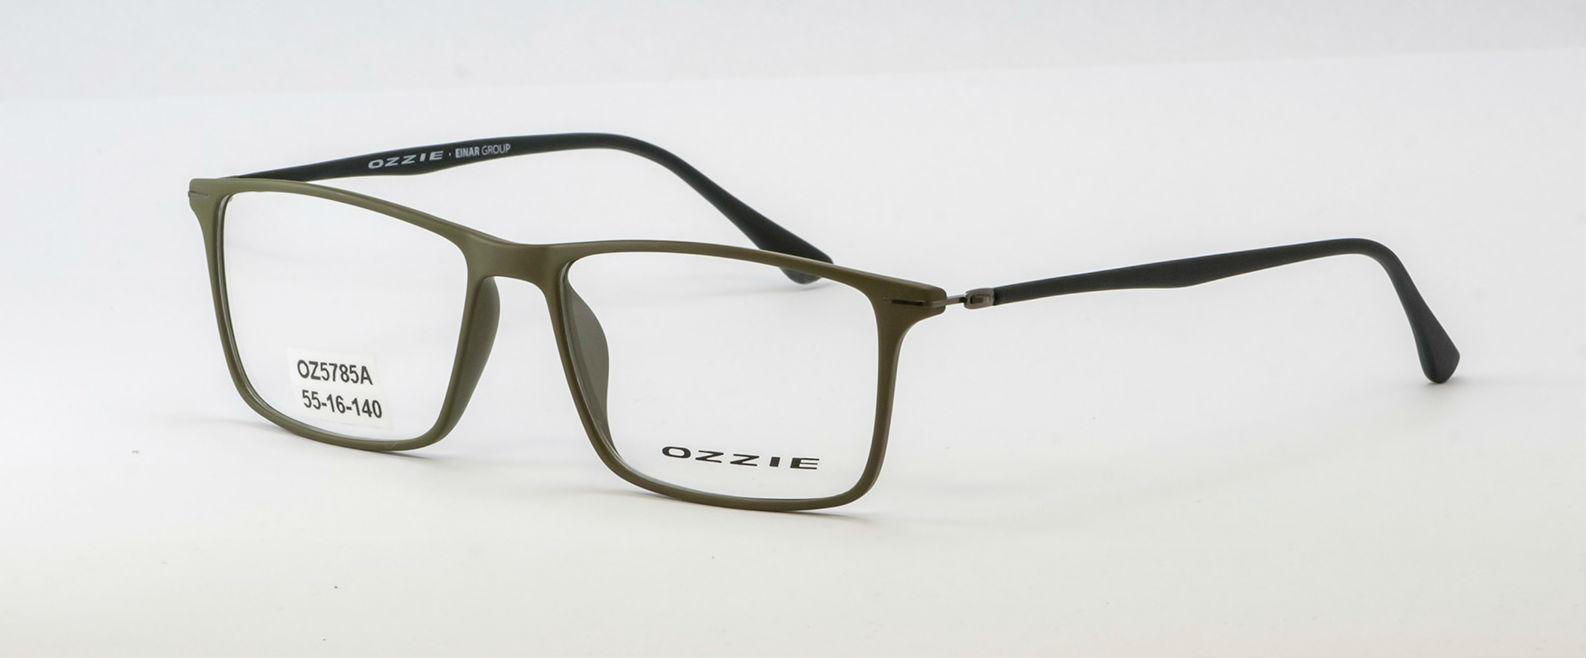 OZ5785A